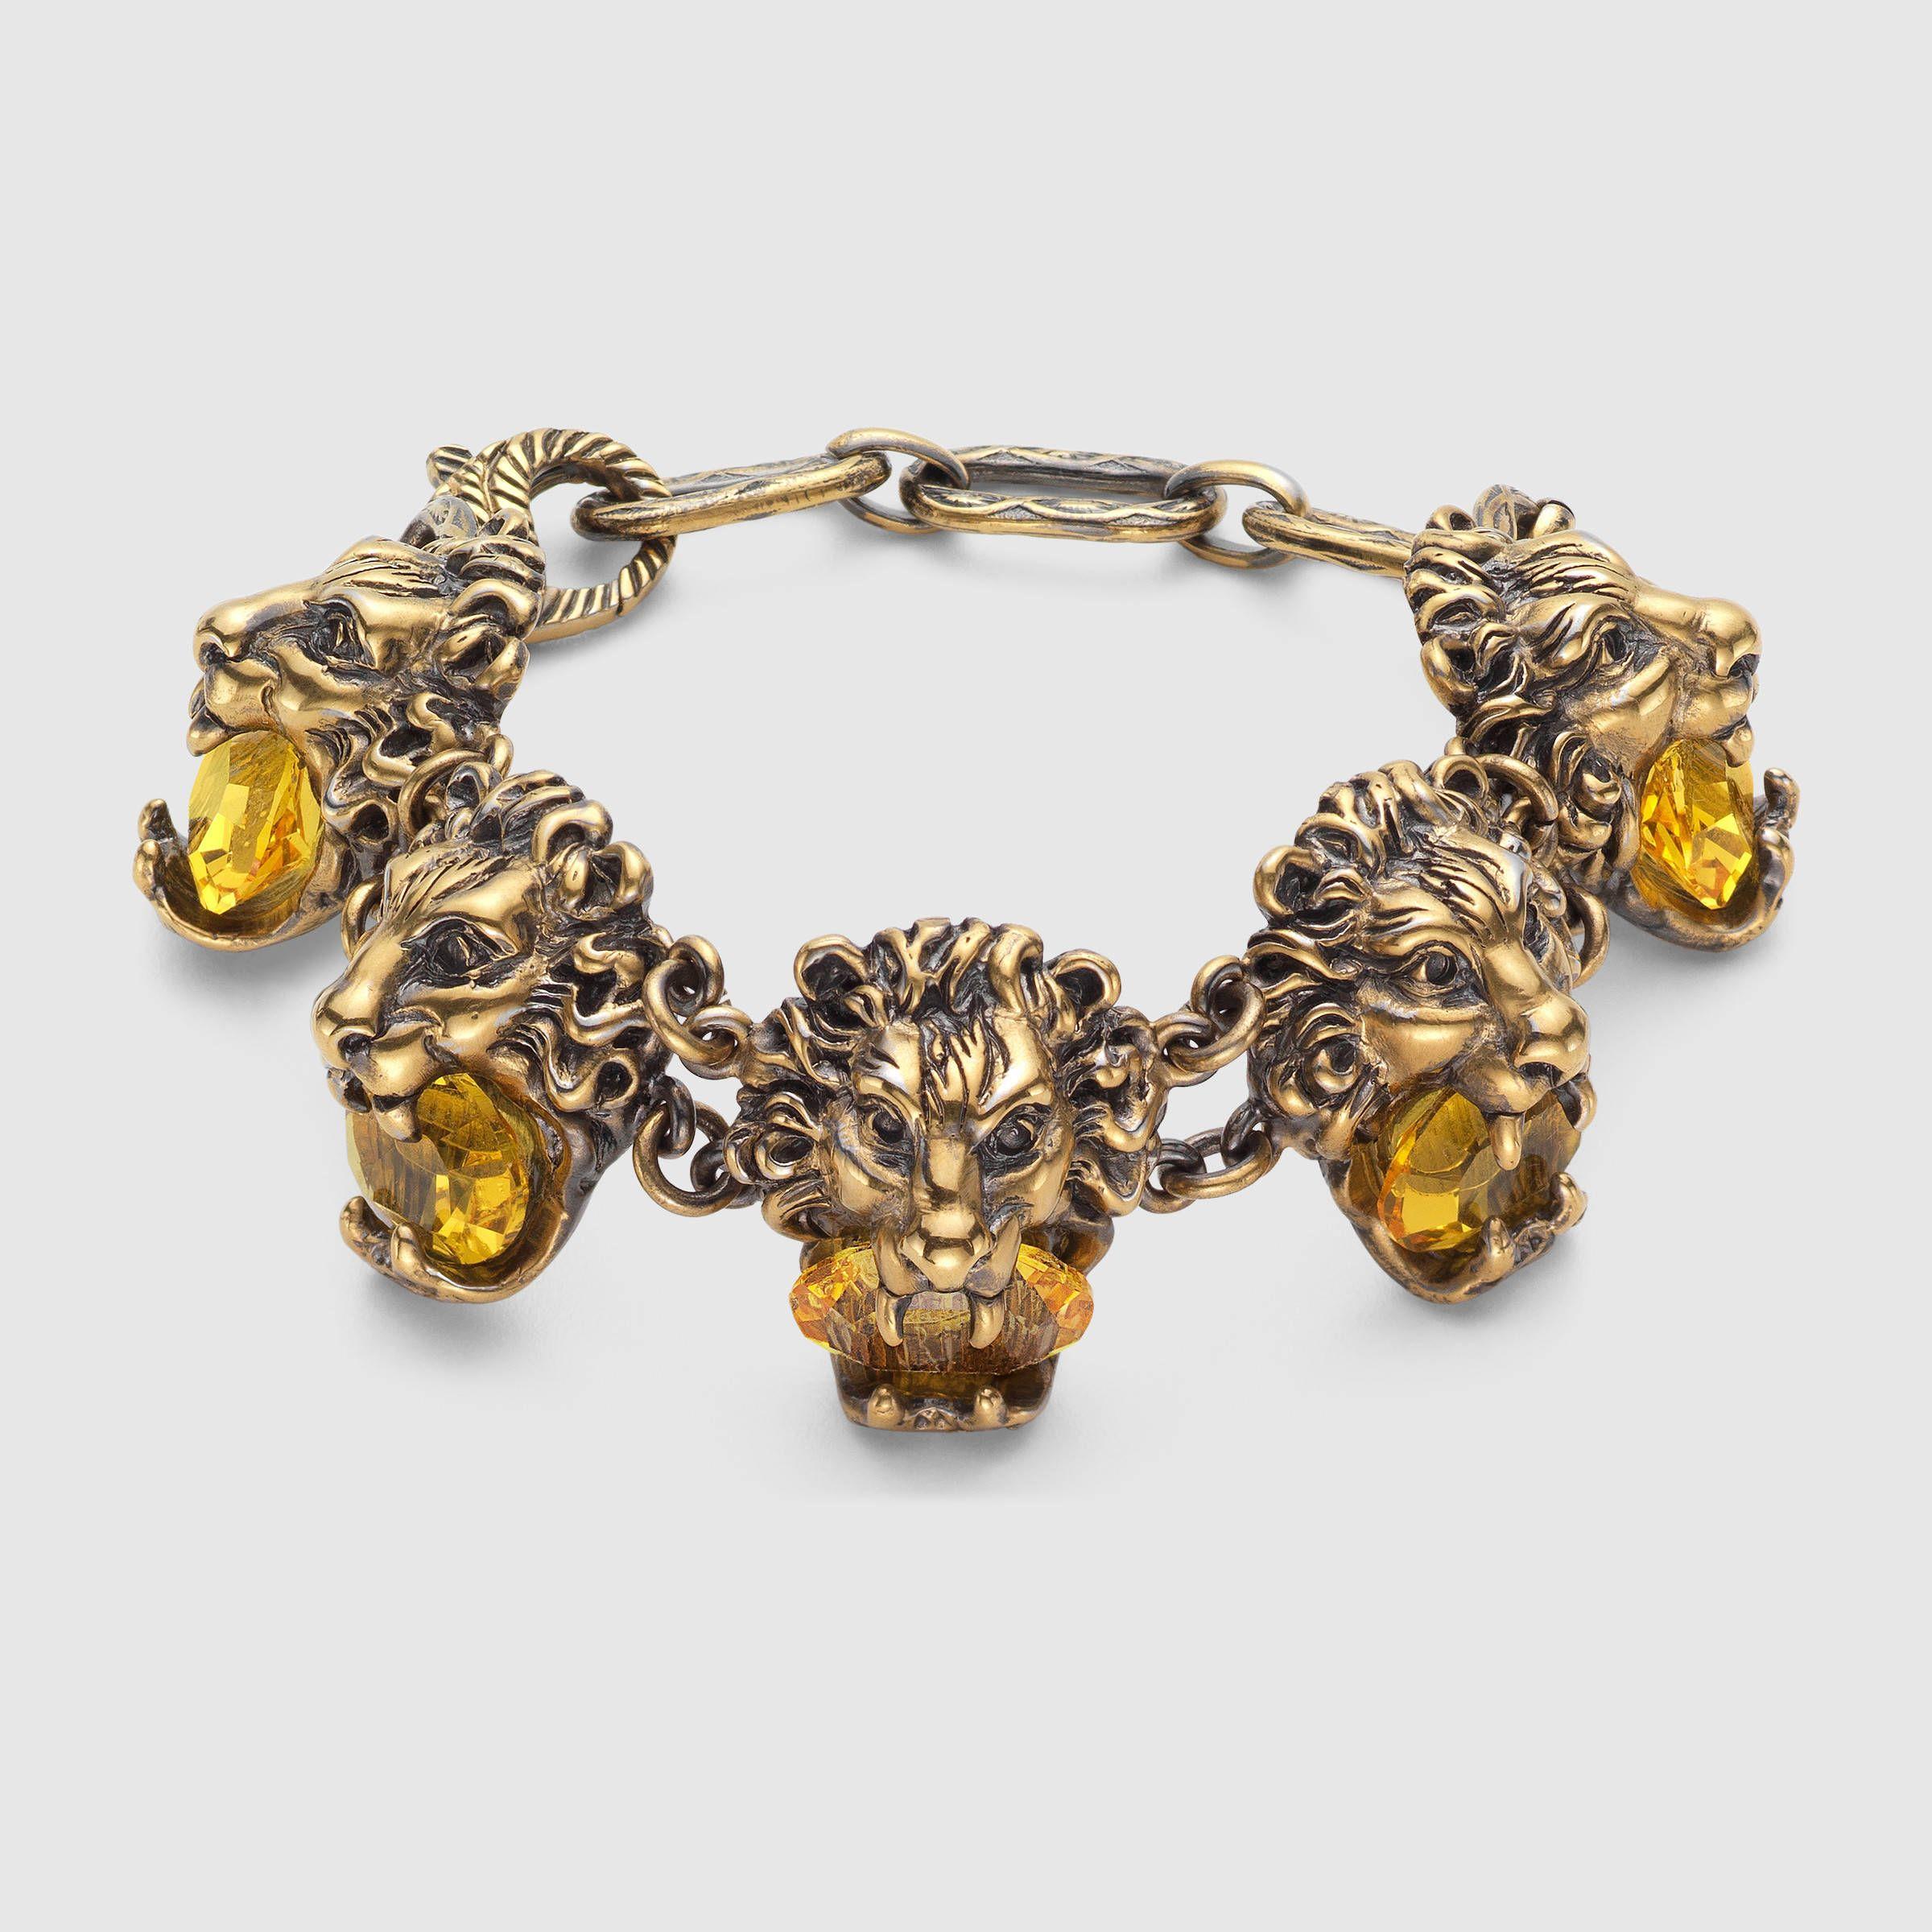 e22e9a9224f Gucci Women - Lion head bracelet with crystals - 415785J1D508083 ...